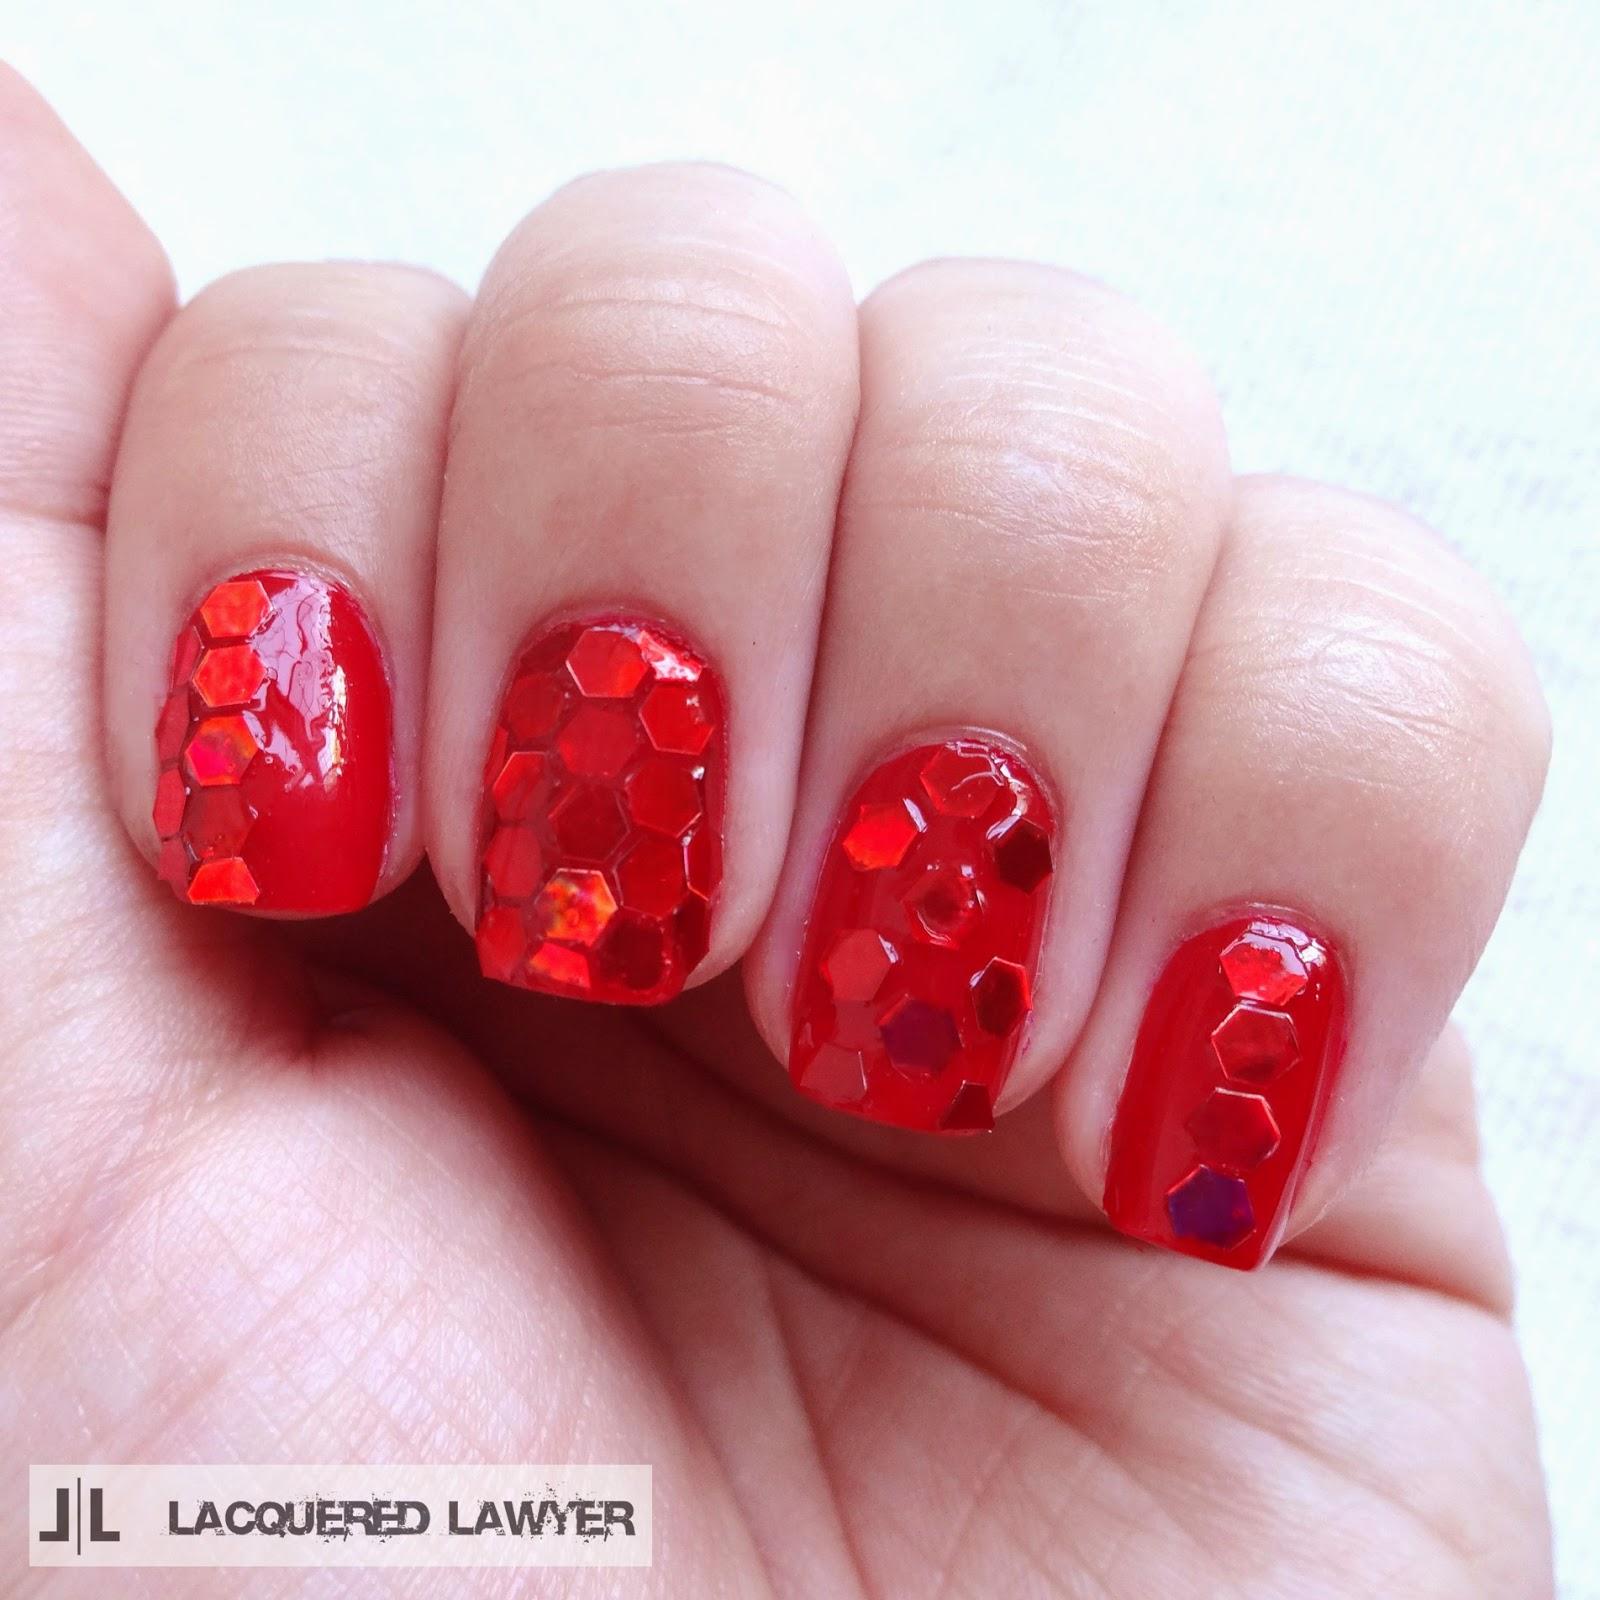 Lacquered Lawyer   Nail Art Blog: June Nail Art Society ...